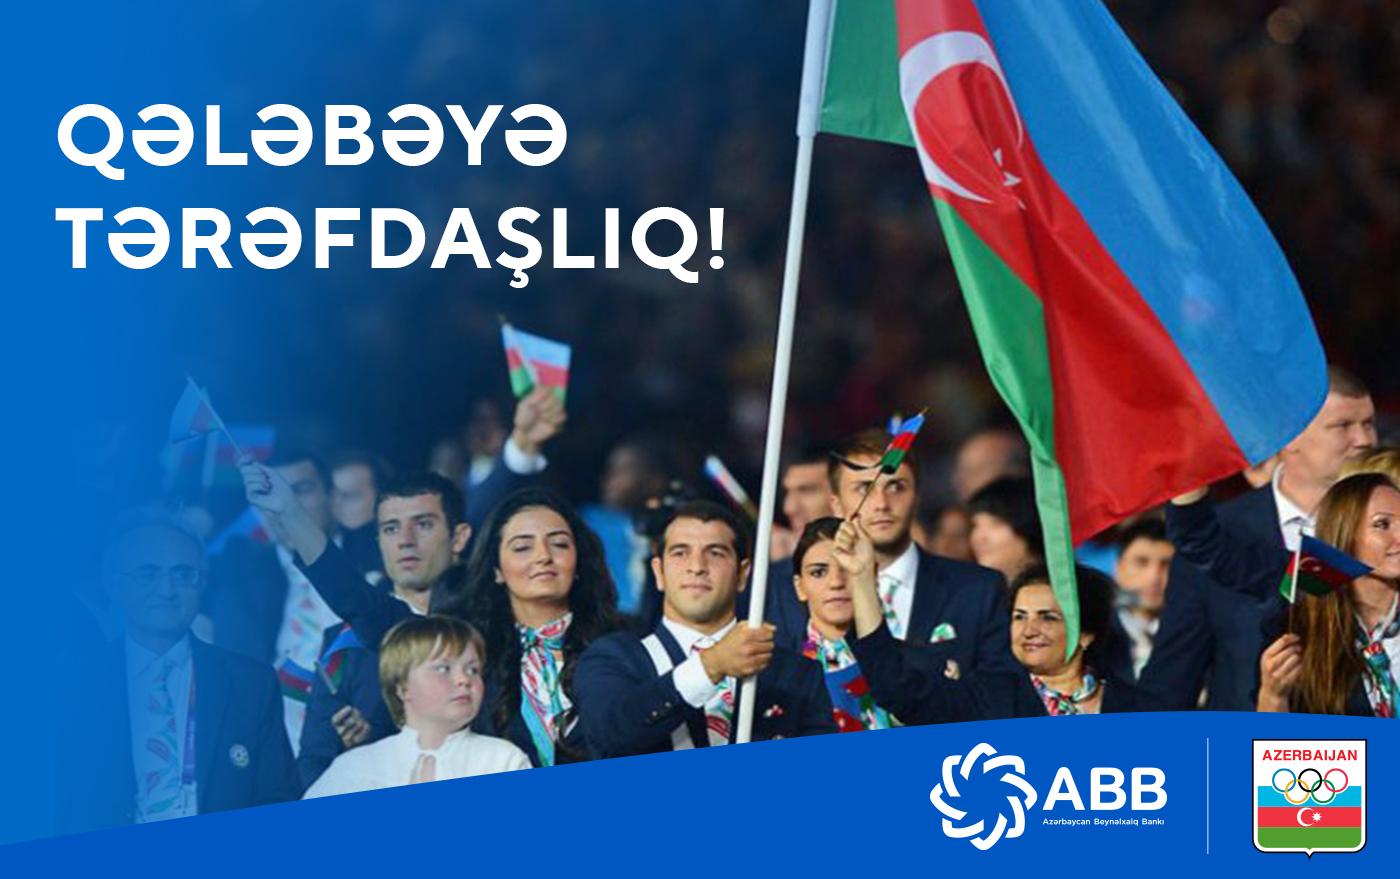 АВВ - финансовый партнер национальной олимпийской сборной!